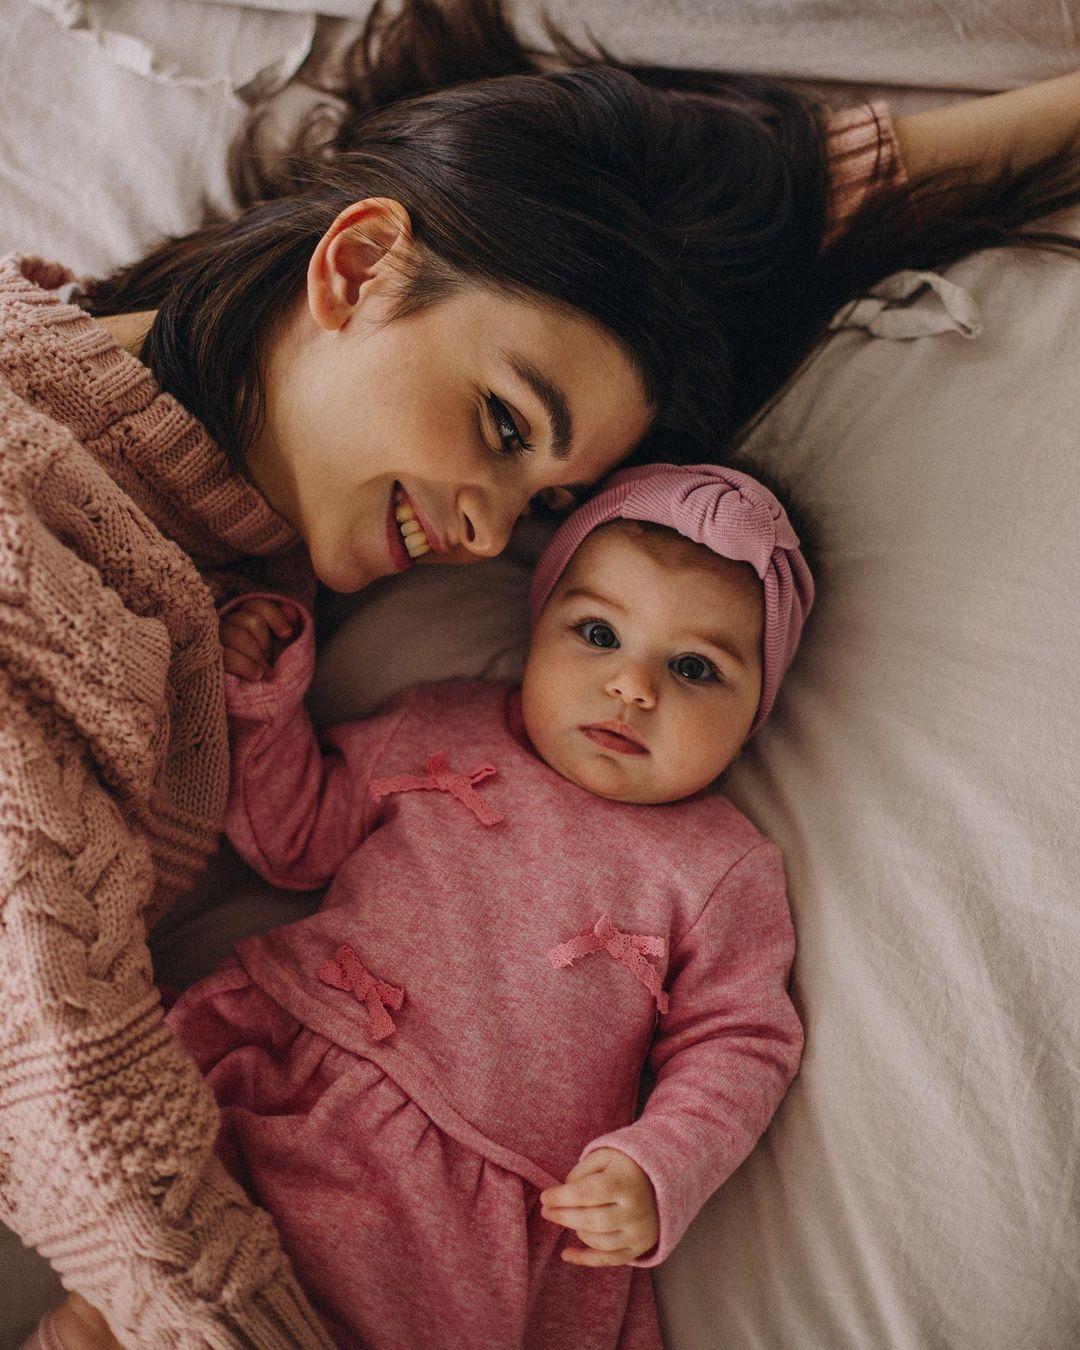 当妈还是正 浓眉大眼妹先天基因强大 身材脸蛋保有少女感太不科学啦~ 养眼图片 第13张